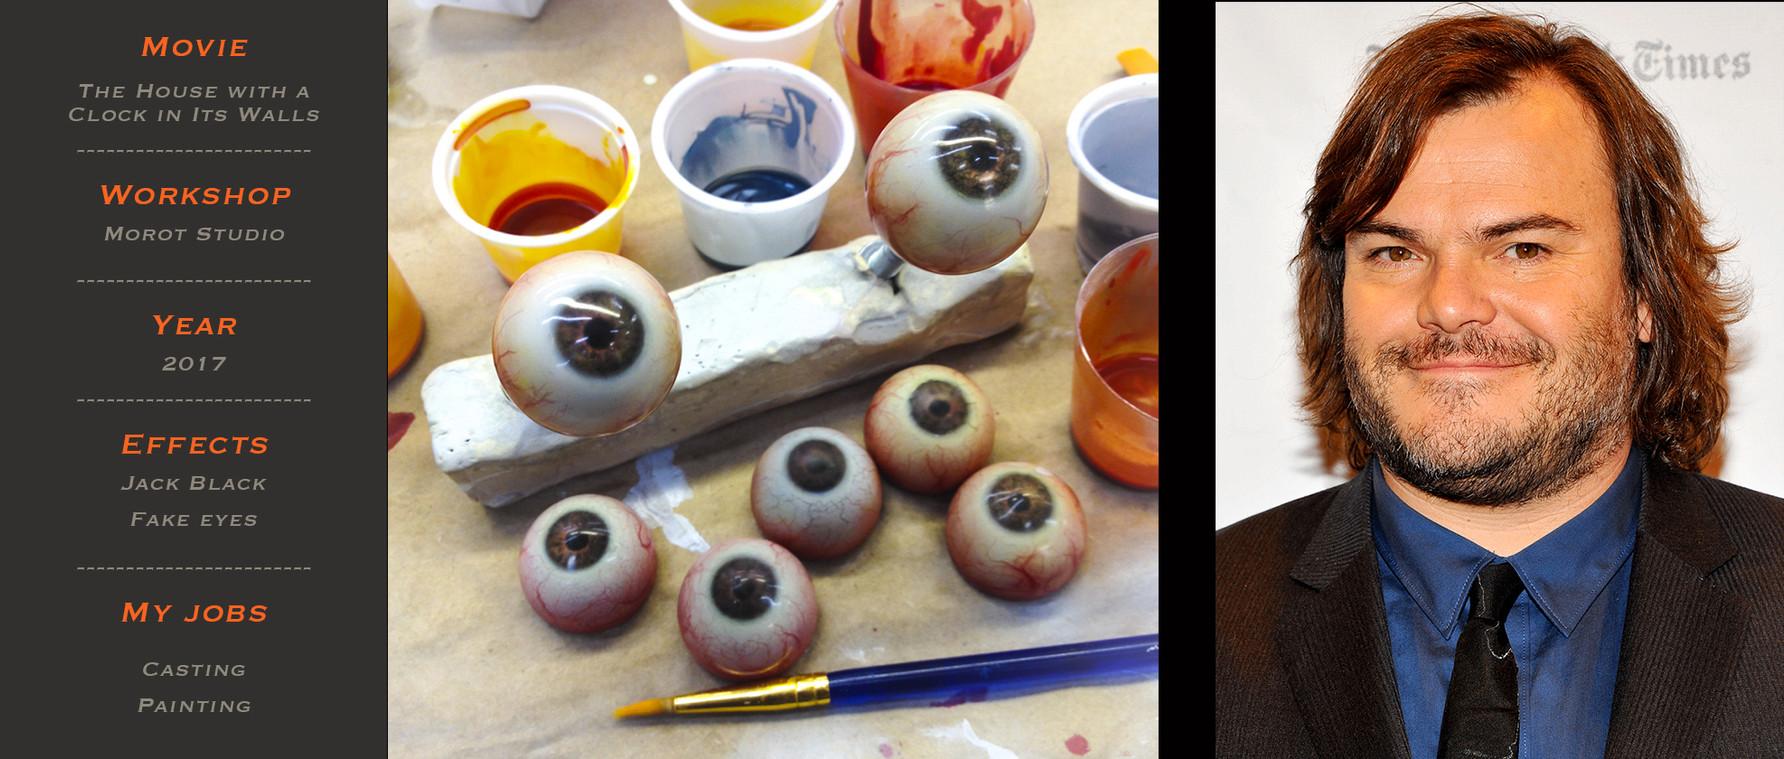 Jack black eyes.jpg